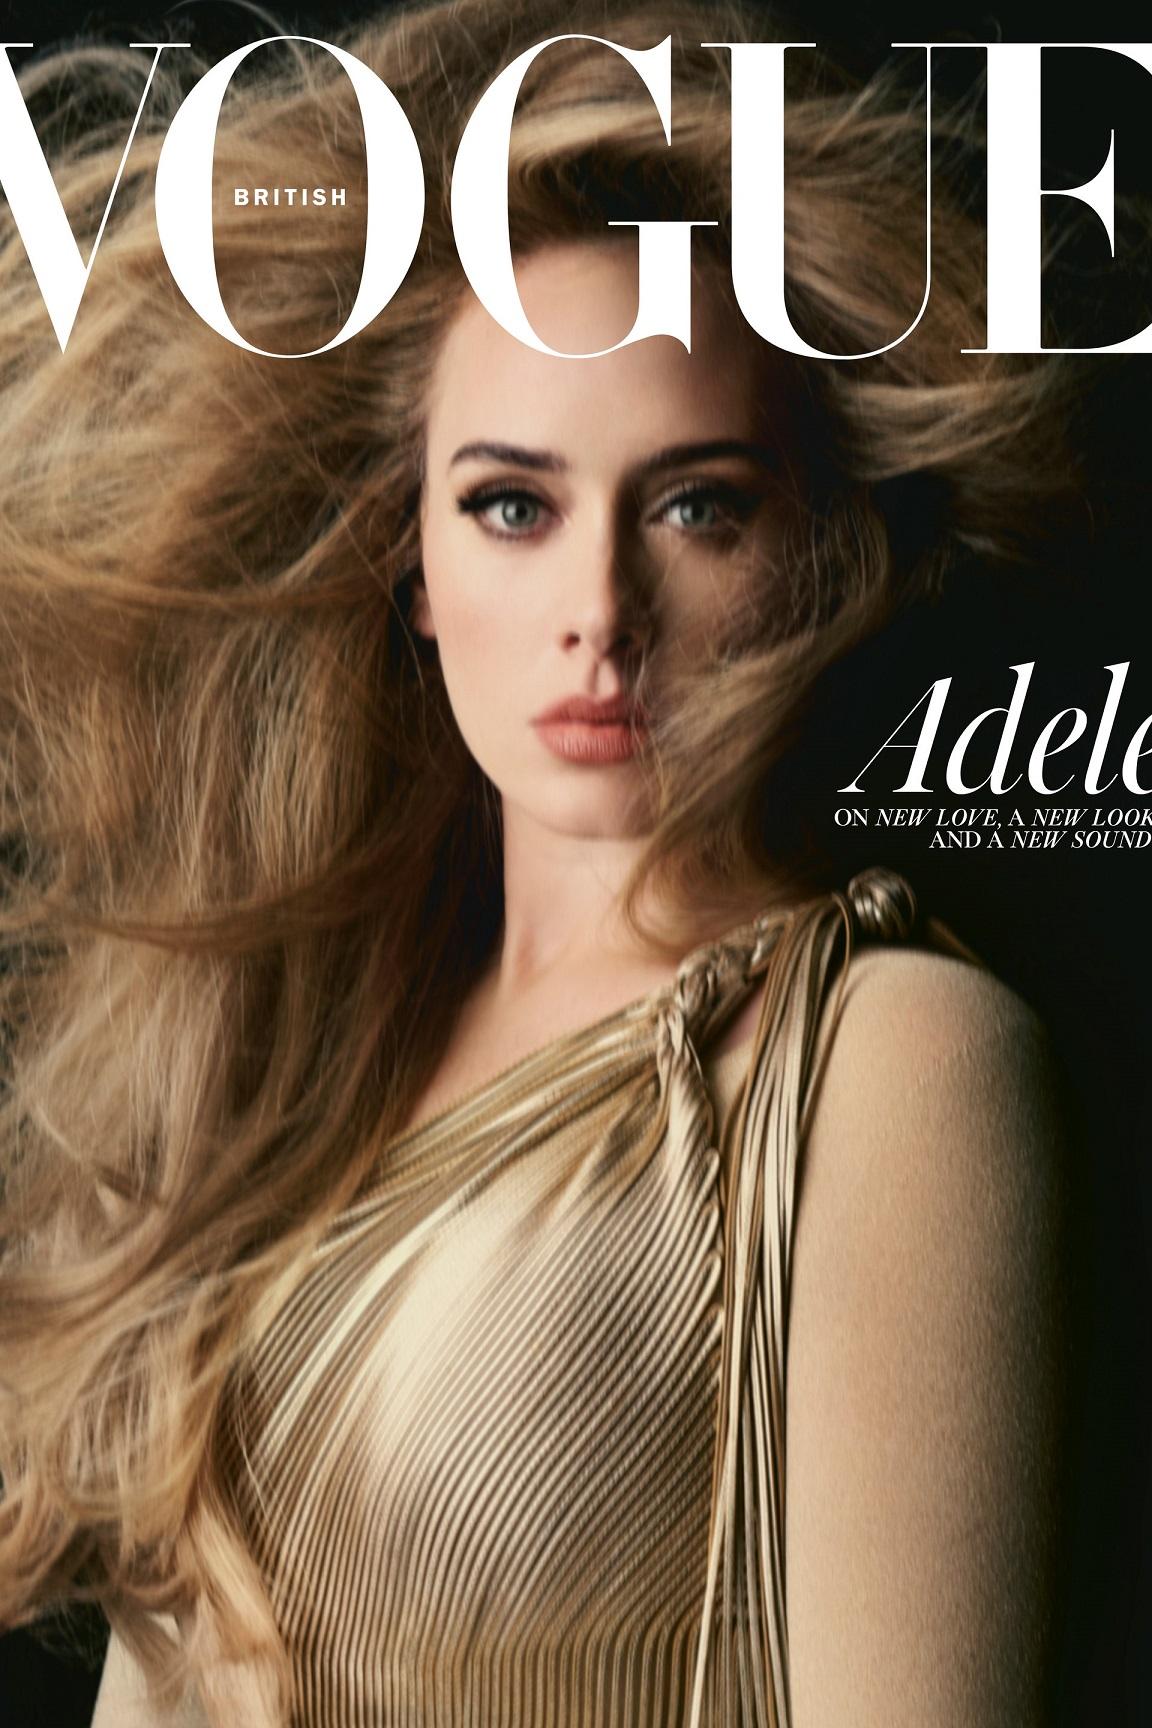 Adele by Steven Meisel, British Vogue, November 2021